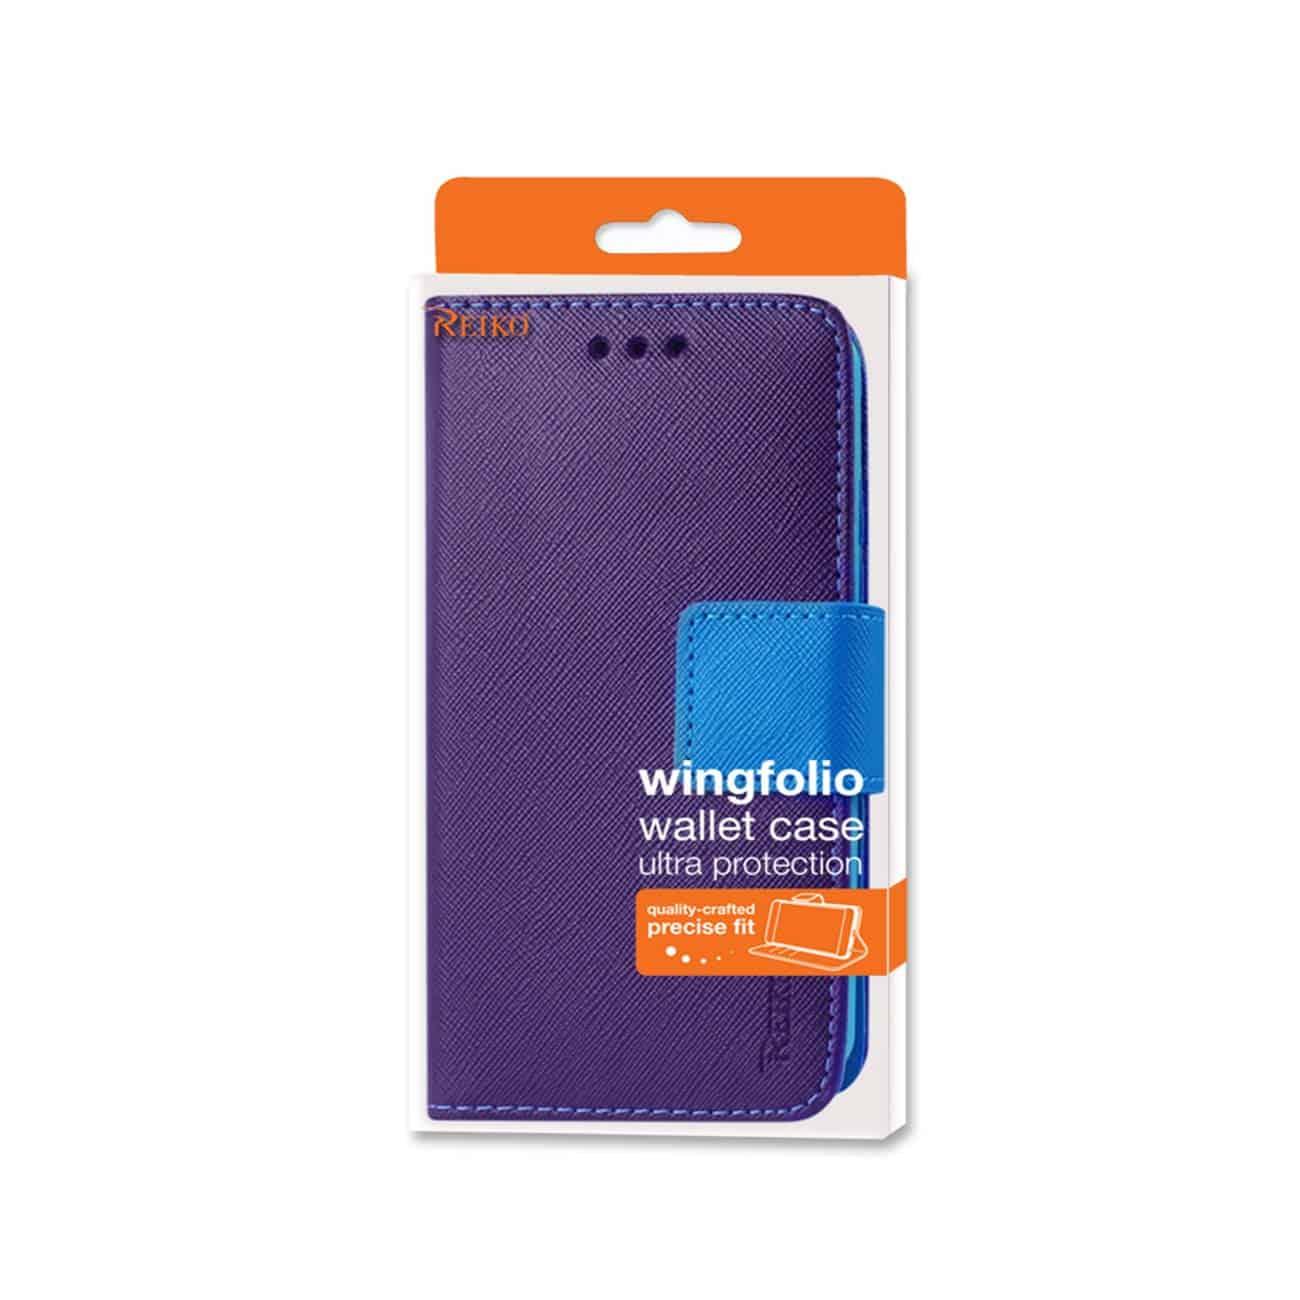 IPHONE 6 PLUS 3-IN-1 WALLET CASE IN PURPLE